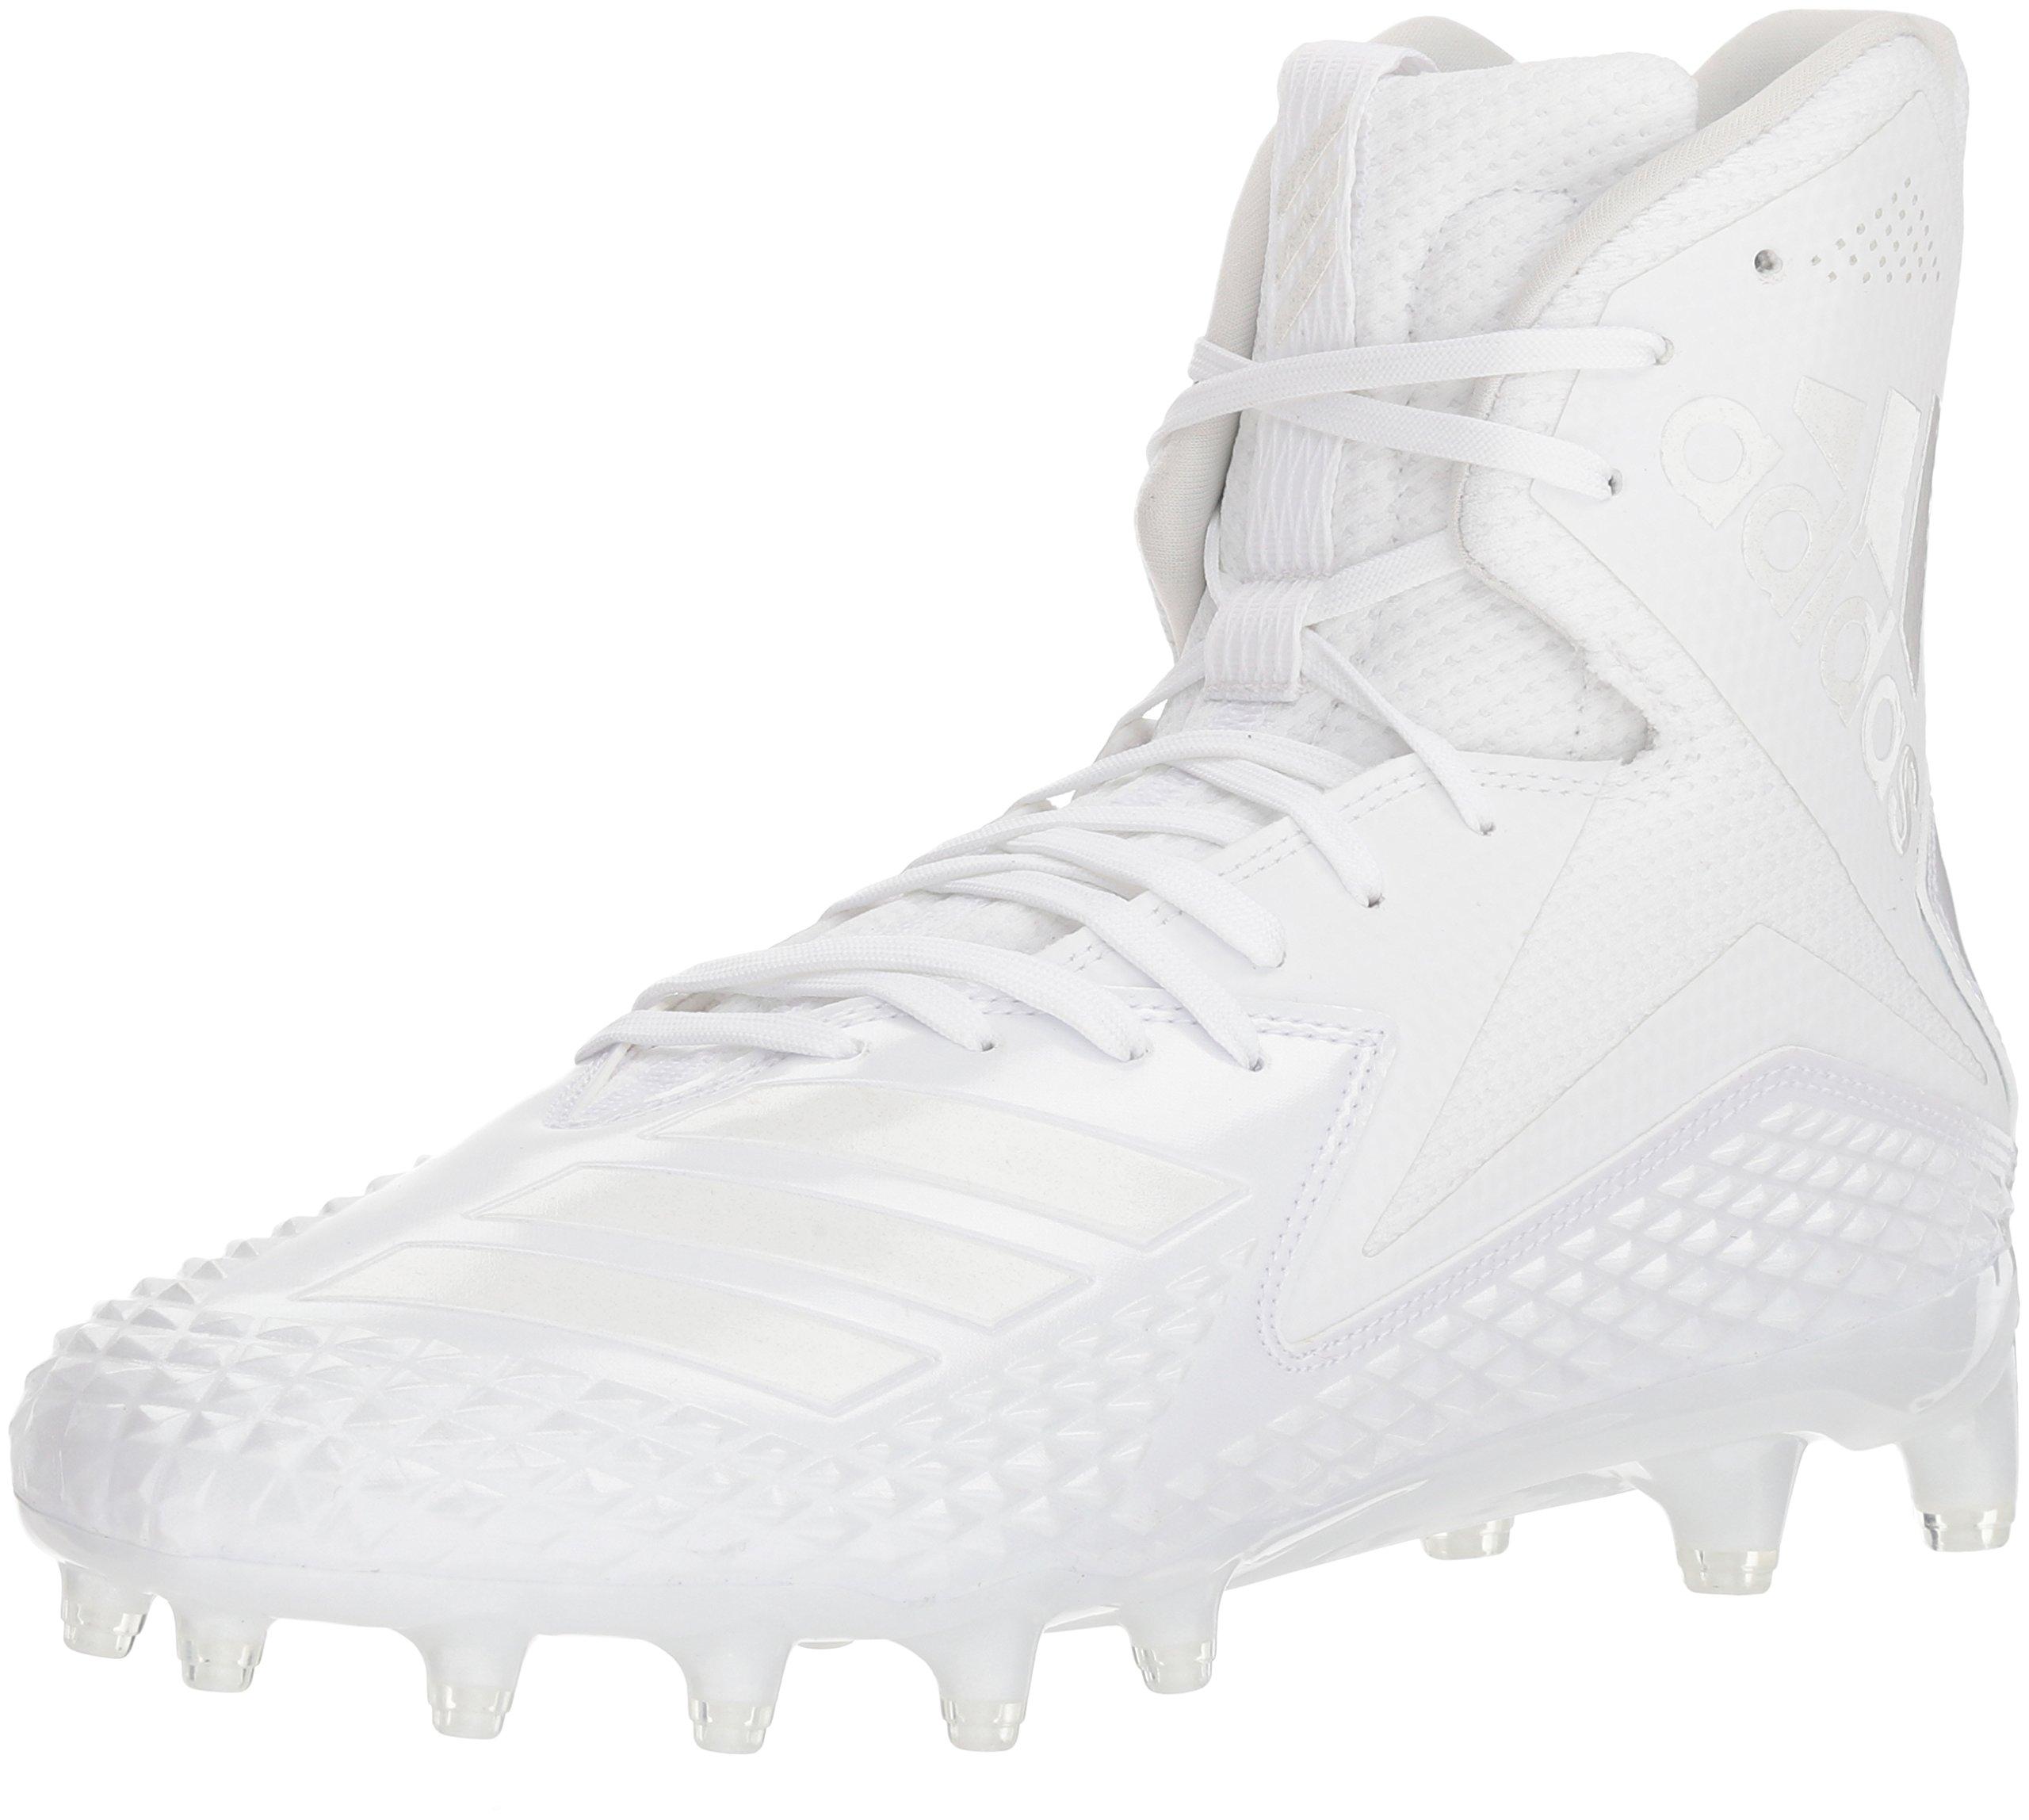 adidas Men's Freak X Carbon Mid Football Shoe, White/White/White, 10.5 M US by adidas